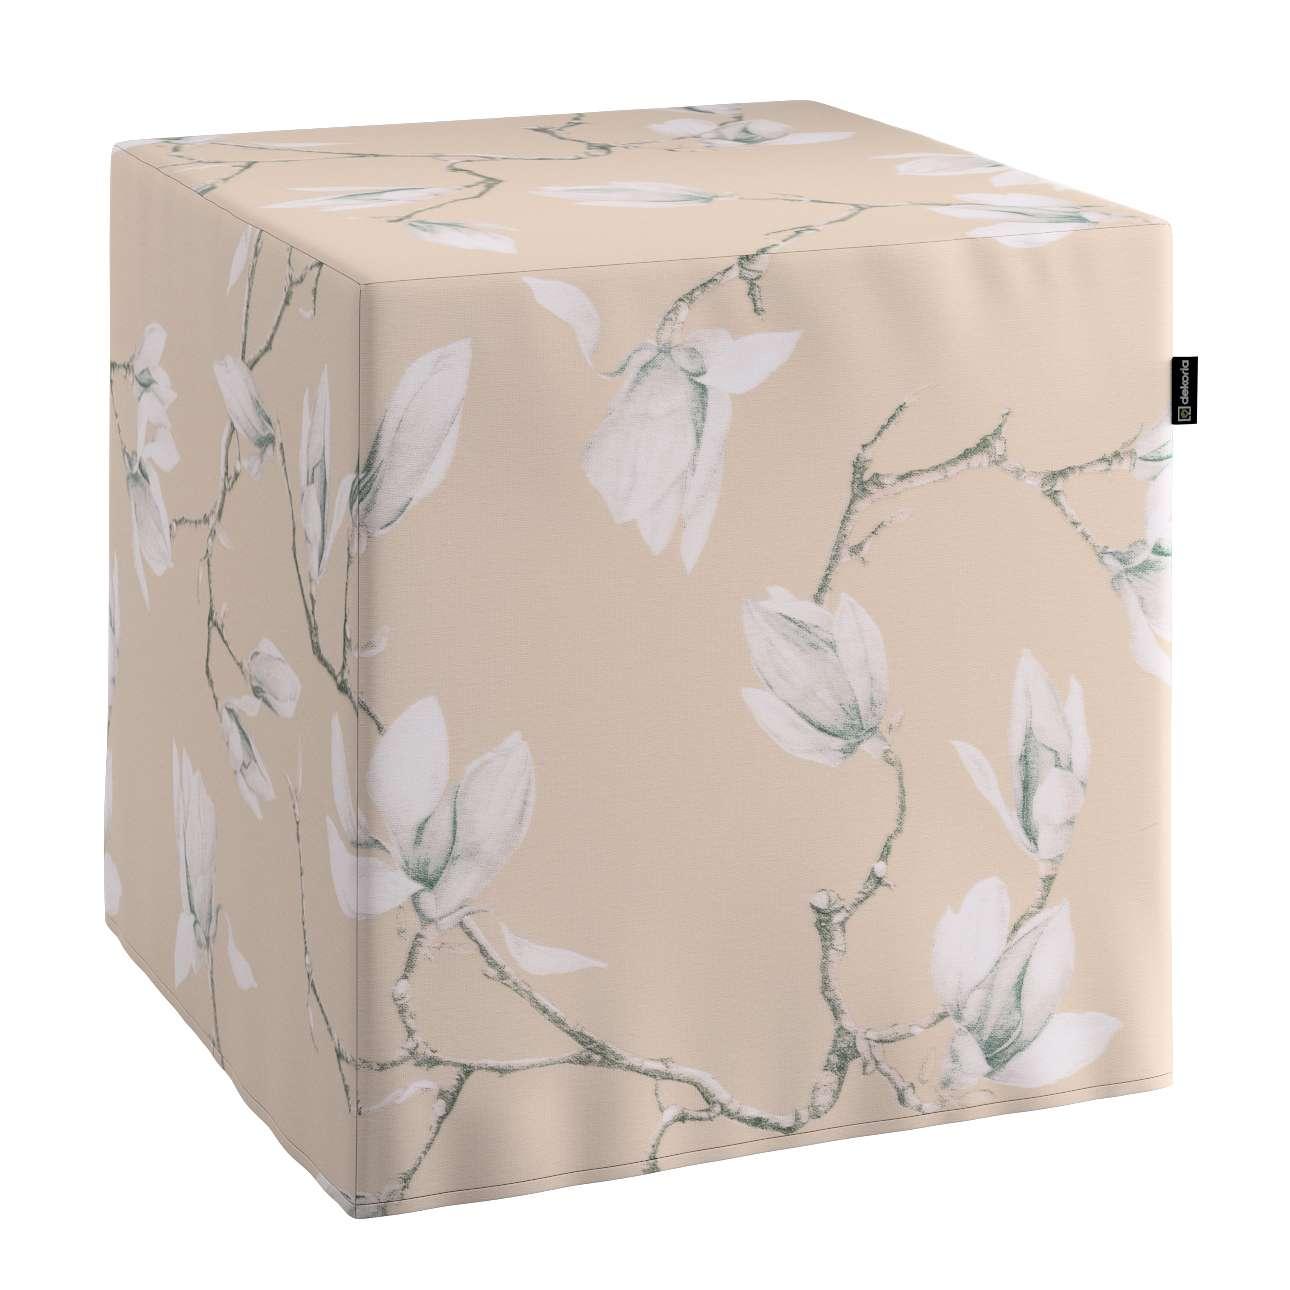 Harter Sitzwürfel 40 x 40 x 40 cm von der Kollektion Flowers, Stoff: 311-12